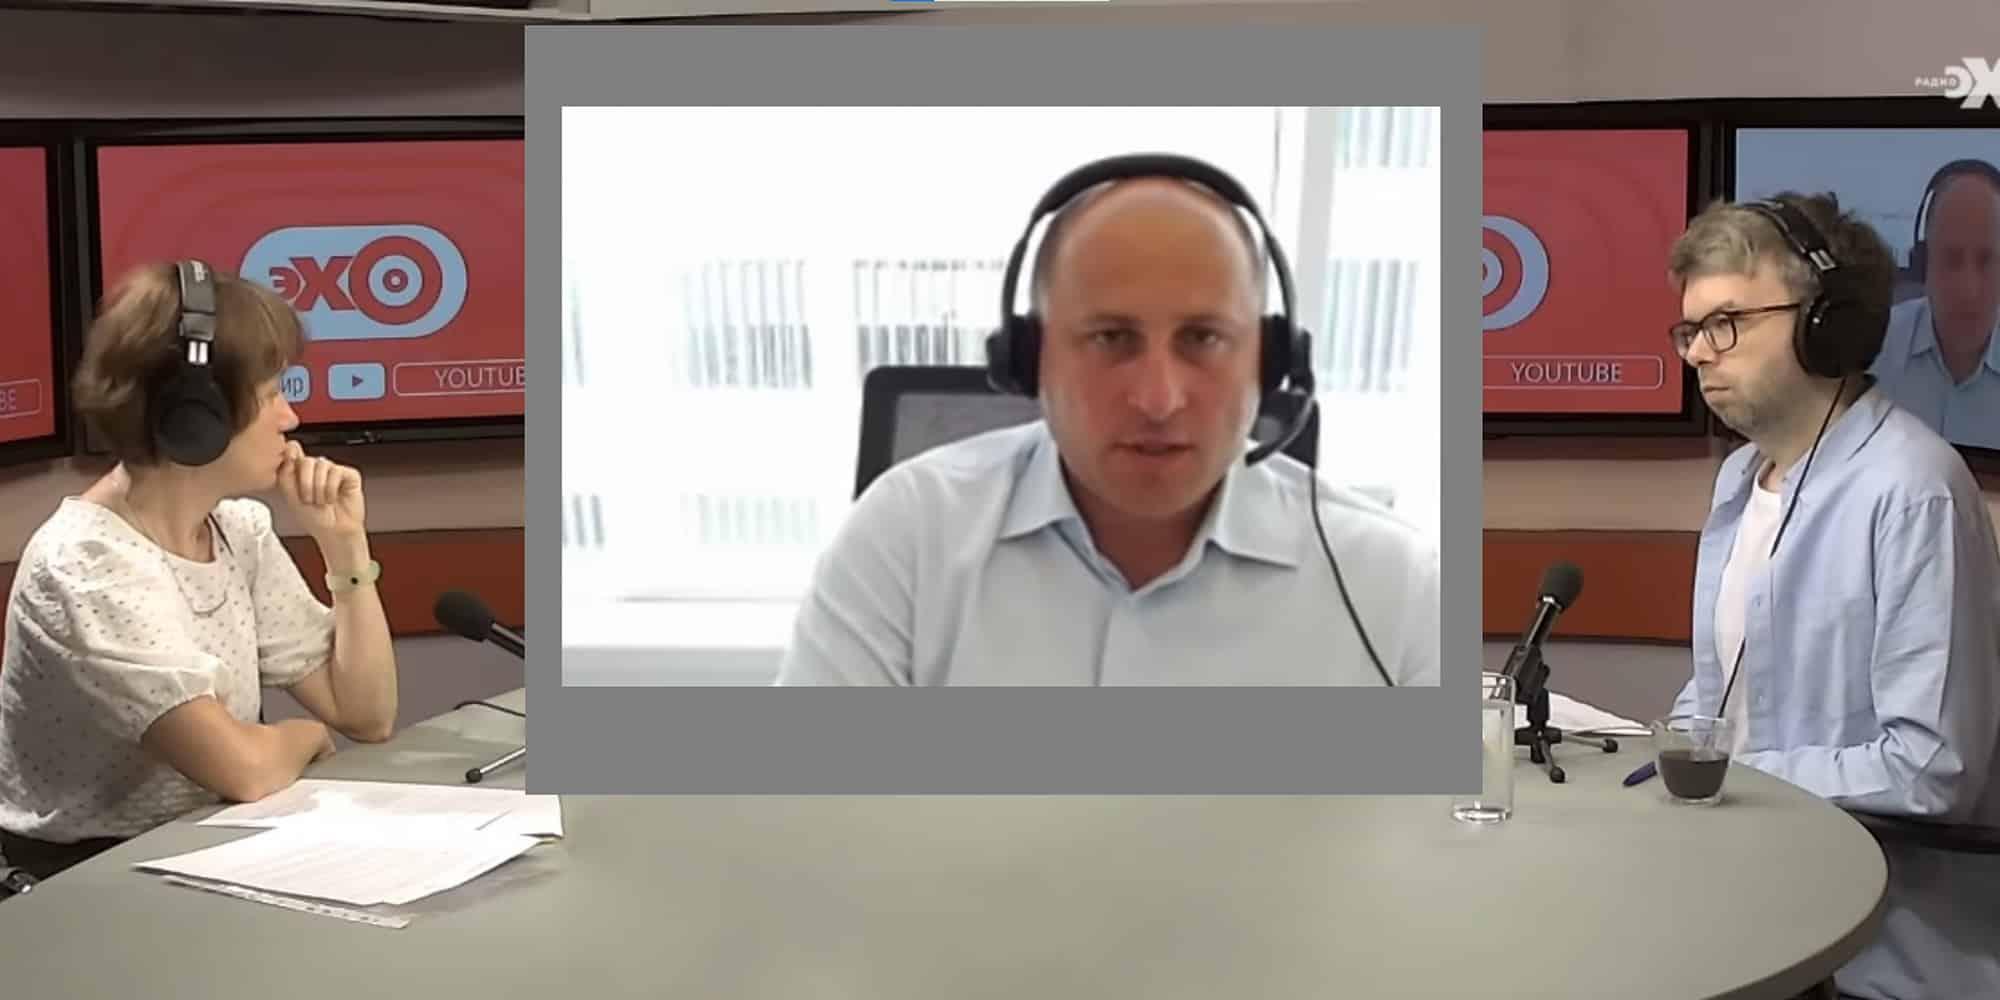 Руководитель Центра компетенций НТИ на базе Сколтеха Дмитрий Лаконцев принял участие в программе «Нацпроекты: инструкция по применению», где обсуждалось текущее положение дел в российской науке. Он заметил, что отечественная промышленность…